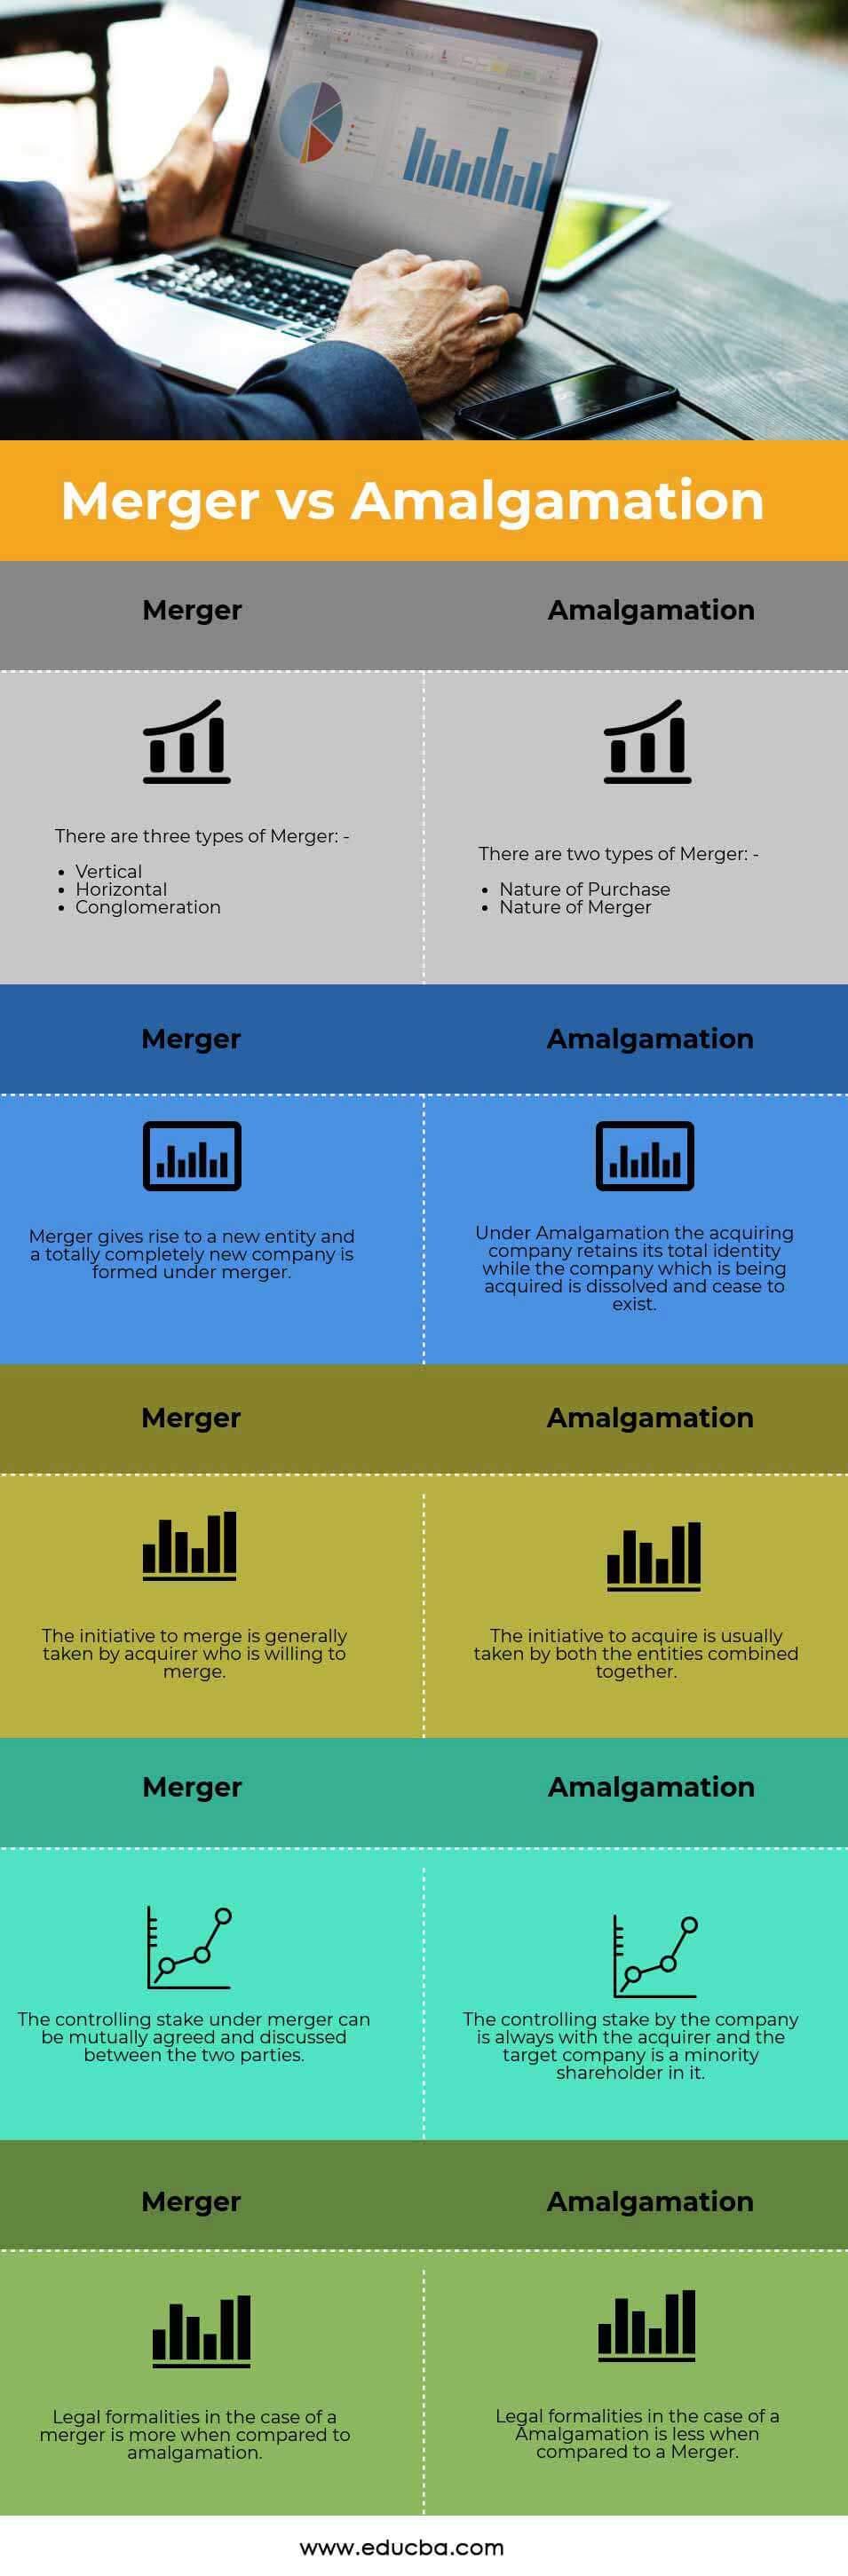 Merger-vs-Amalgamation-info